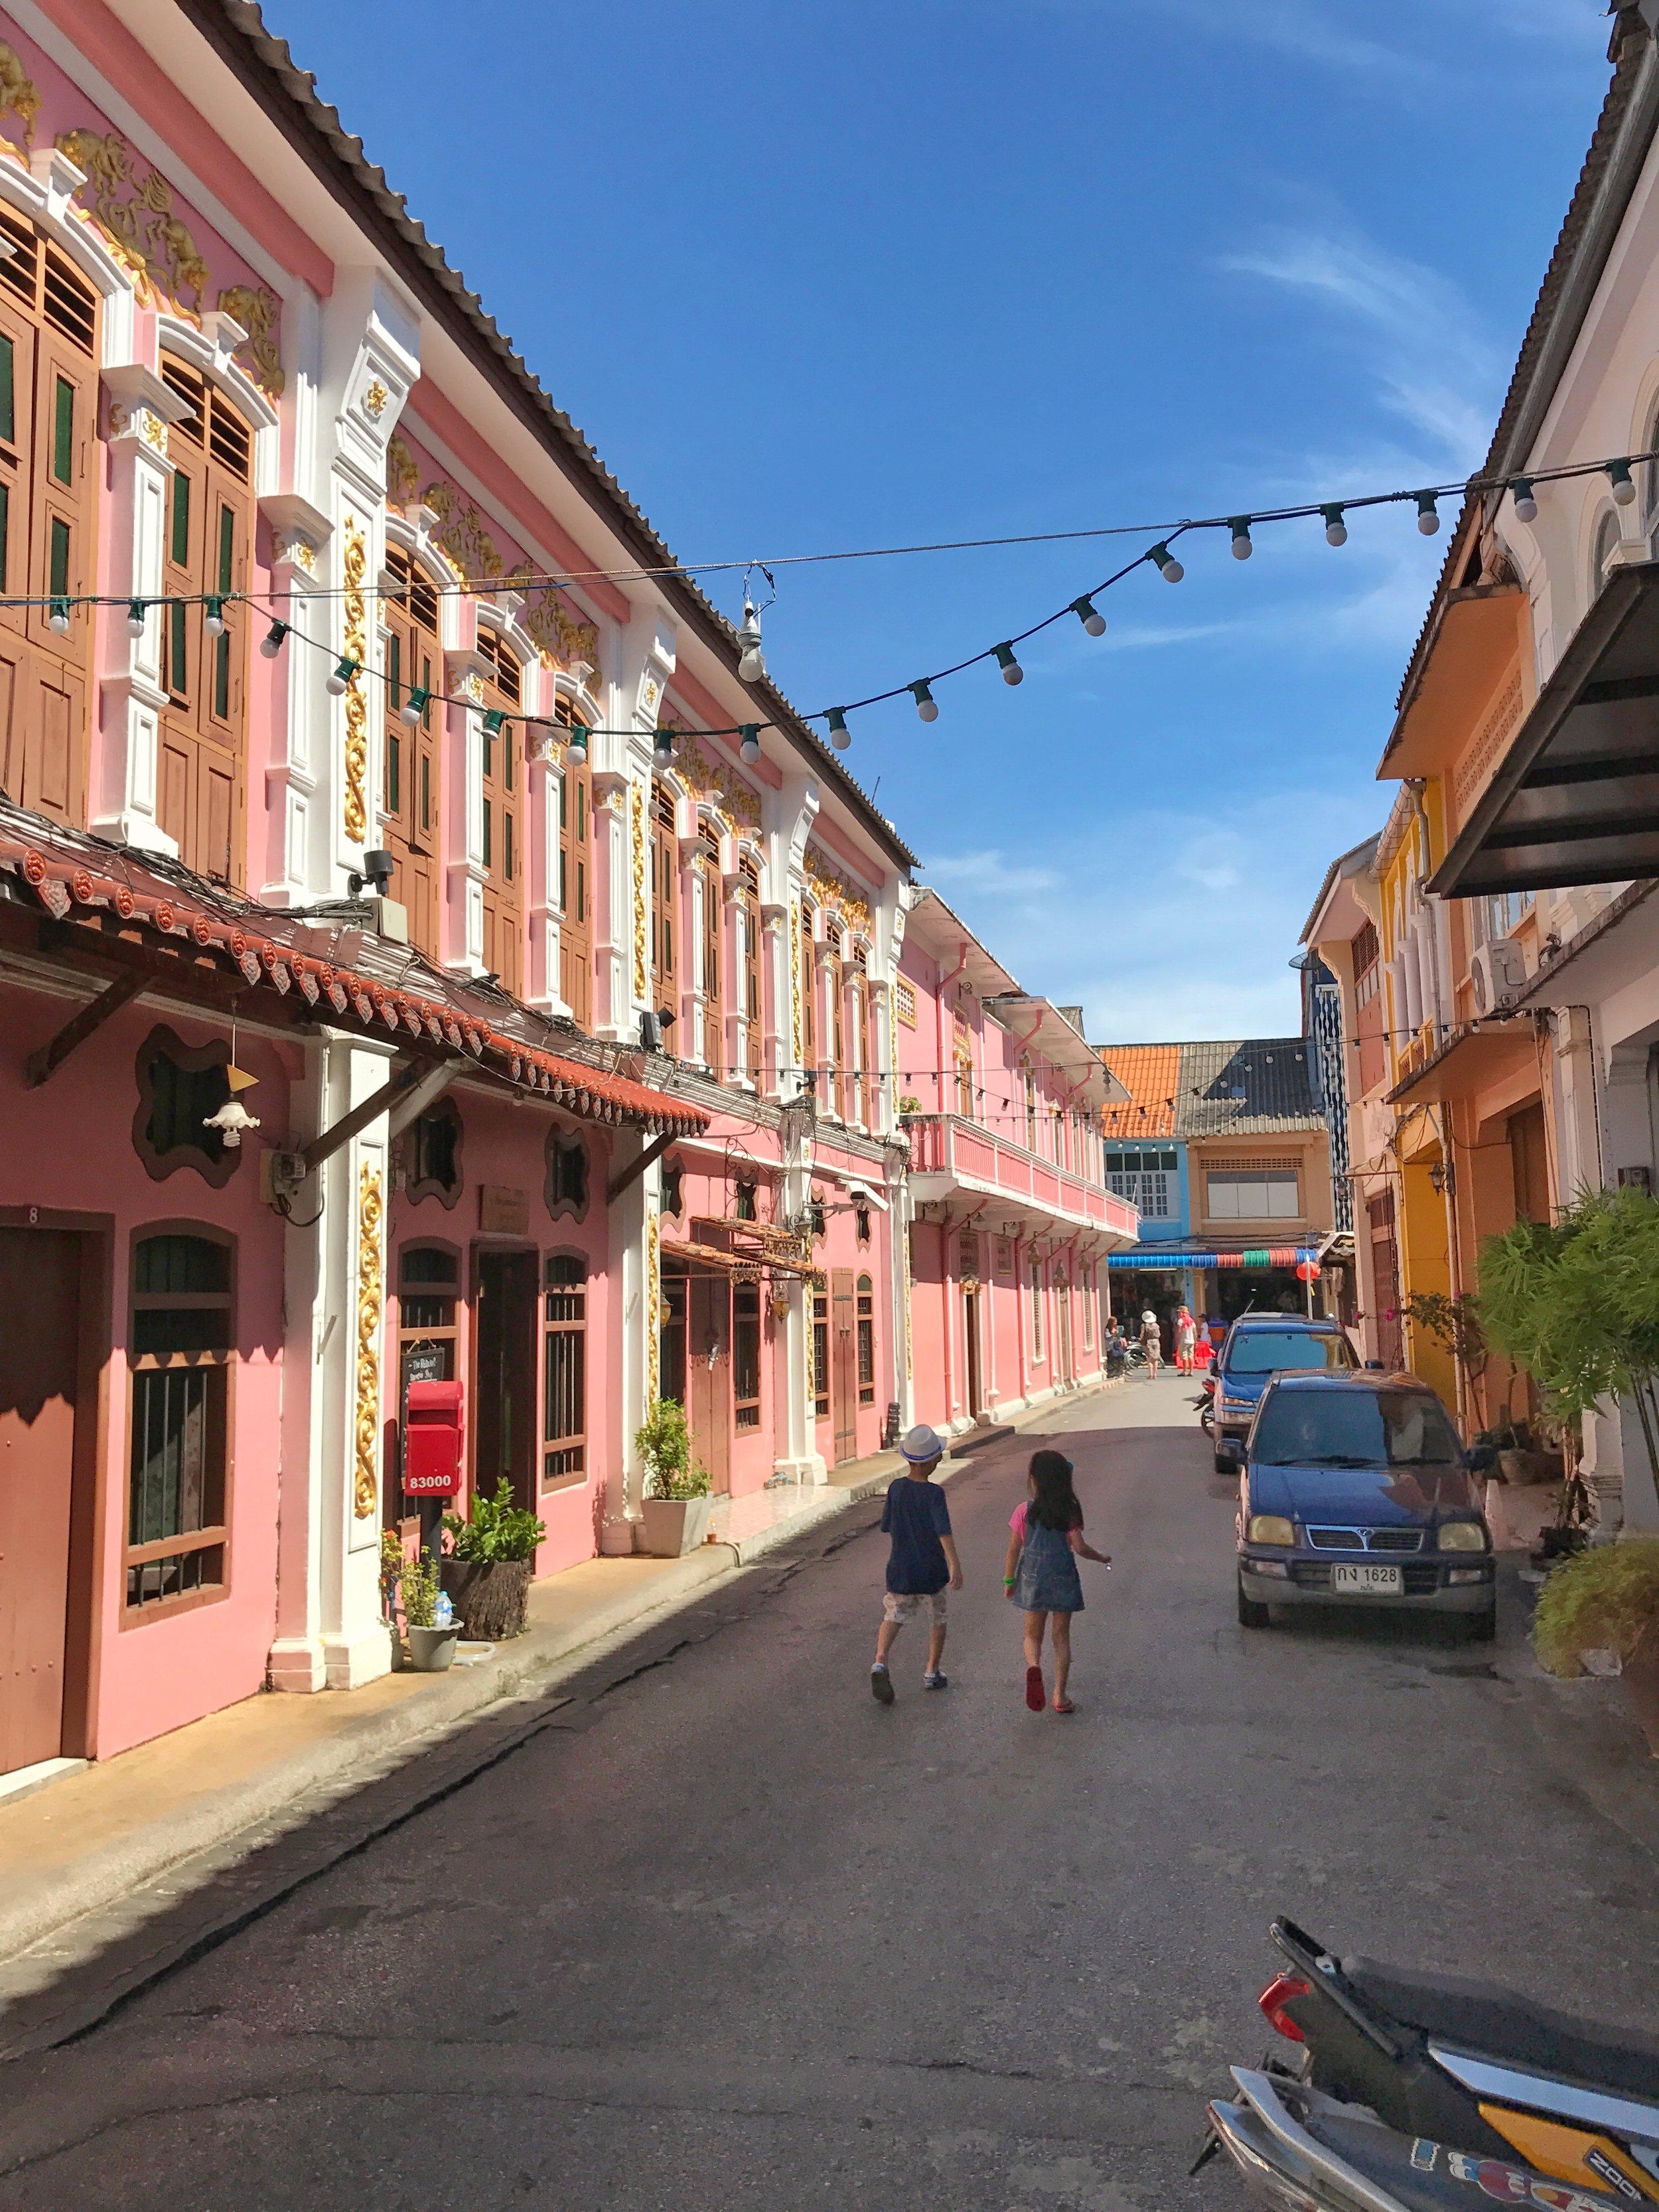 Phuket Old Town Street